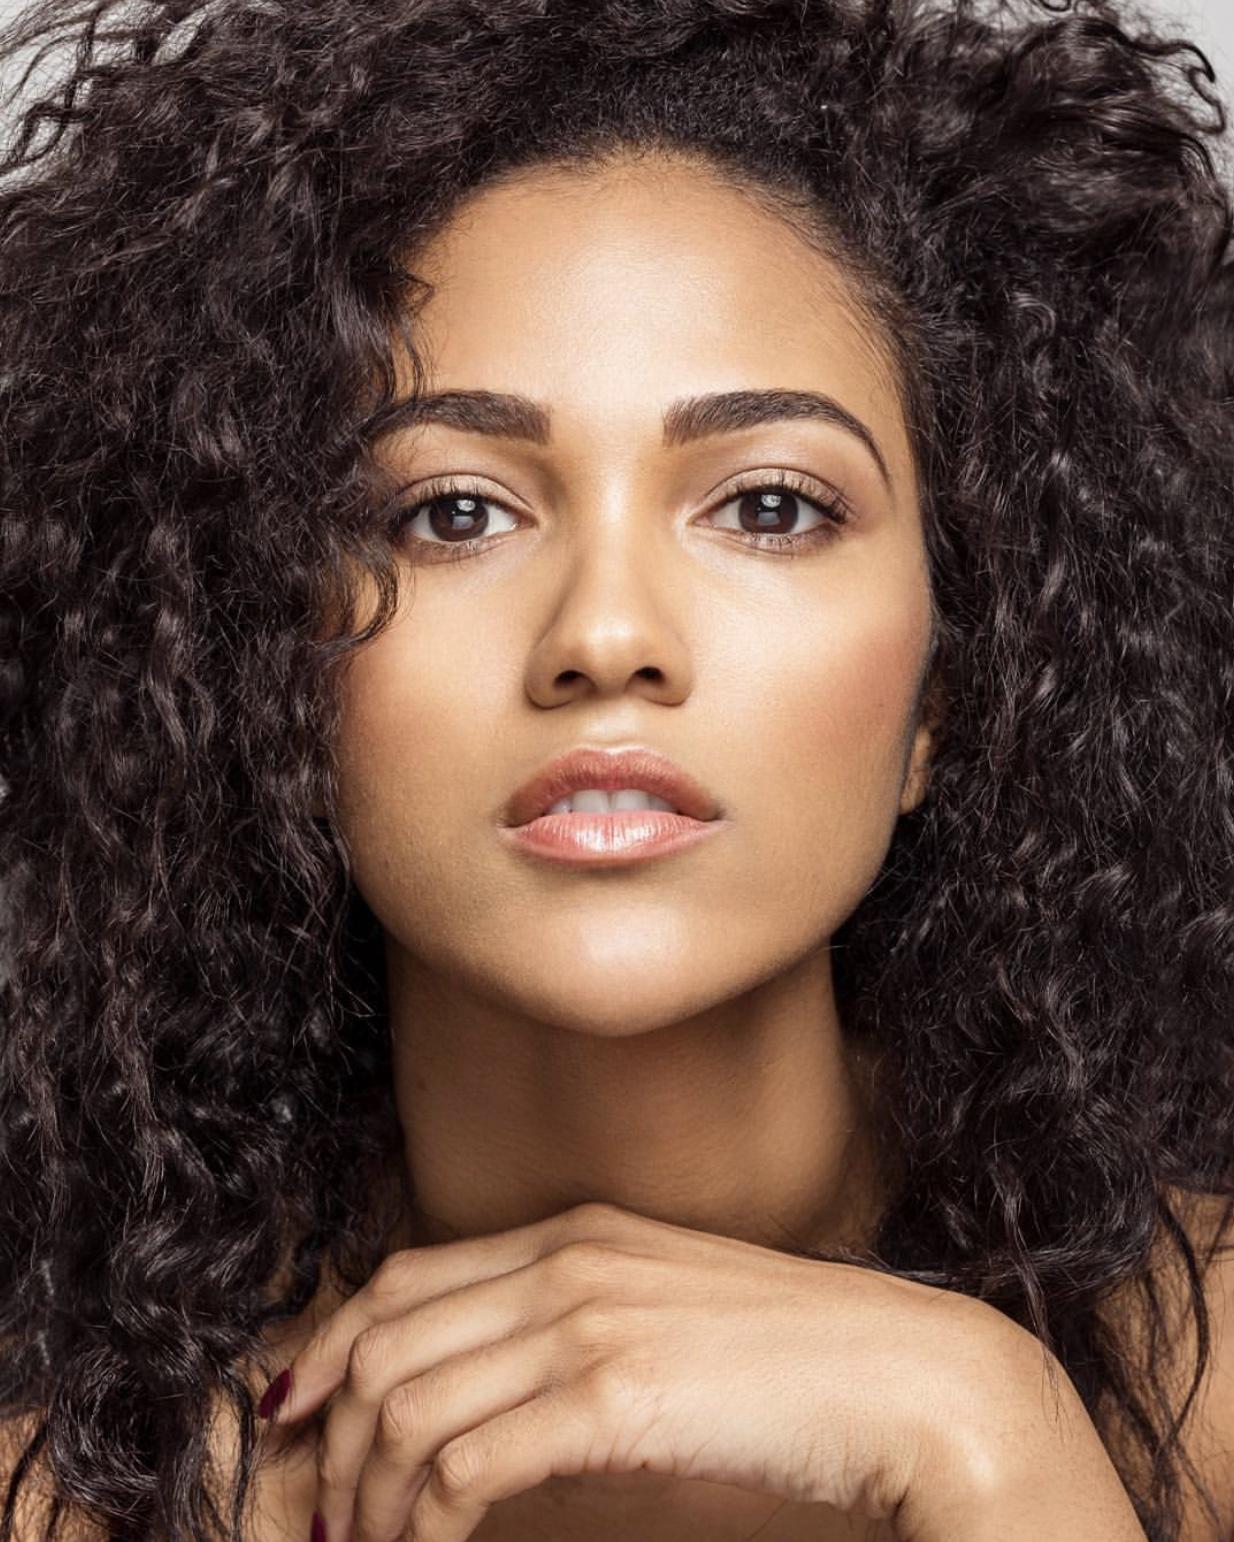 Blair B. | Model + Actress